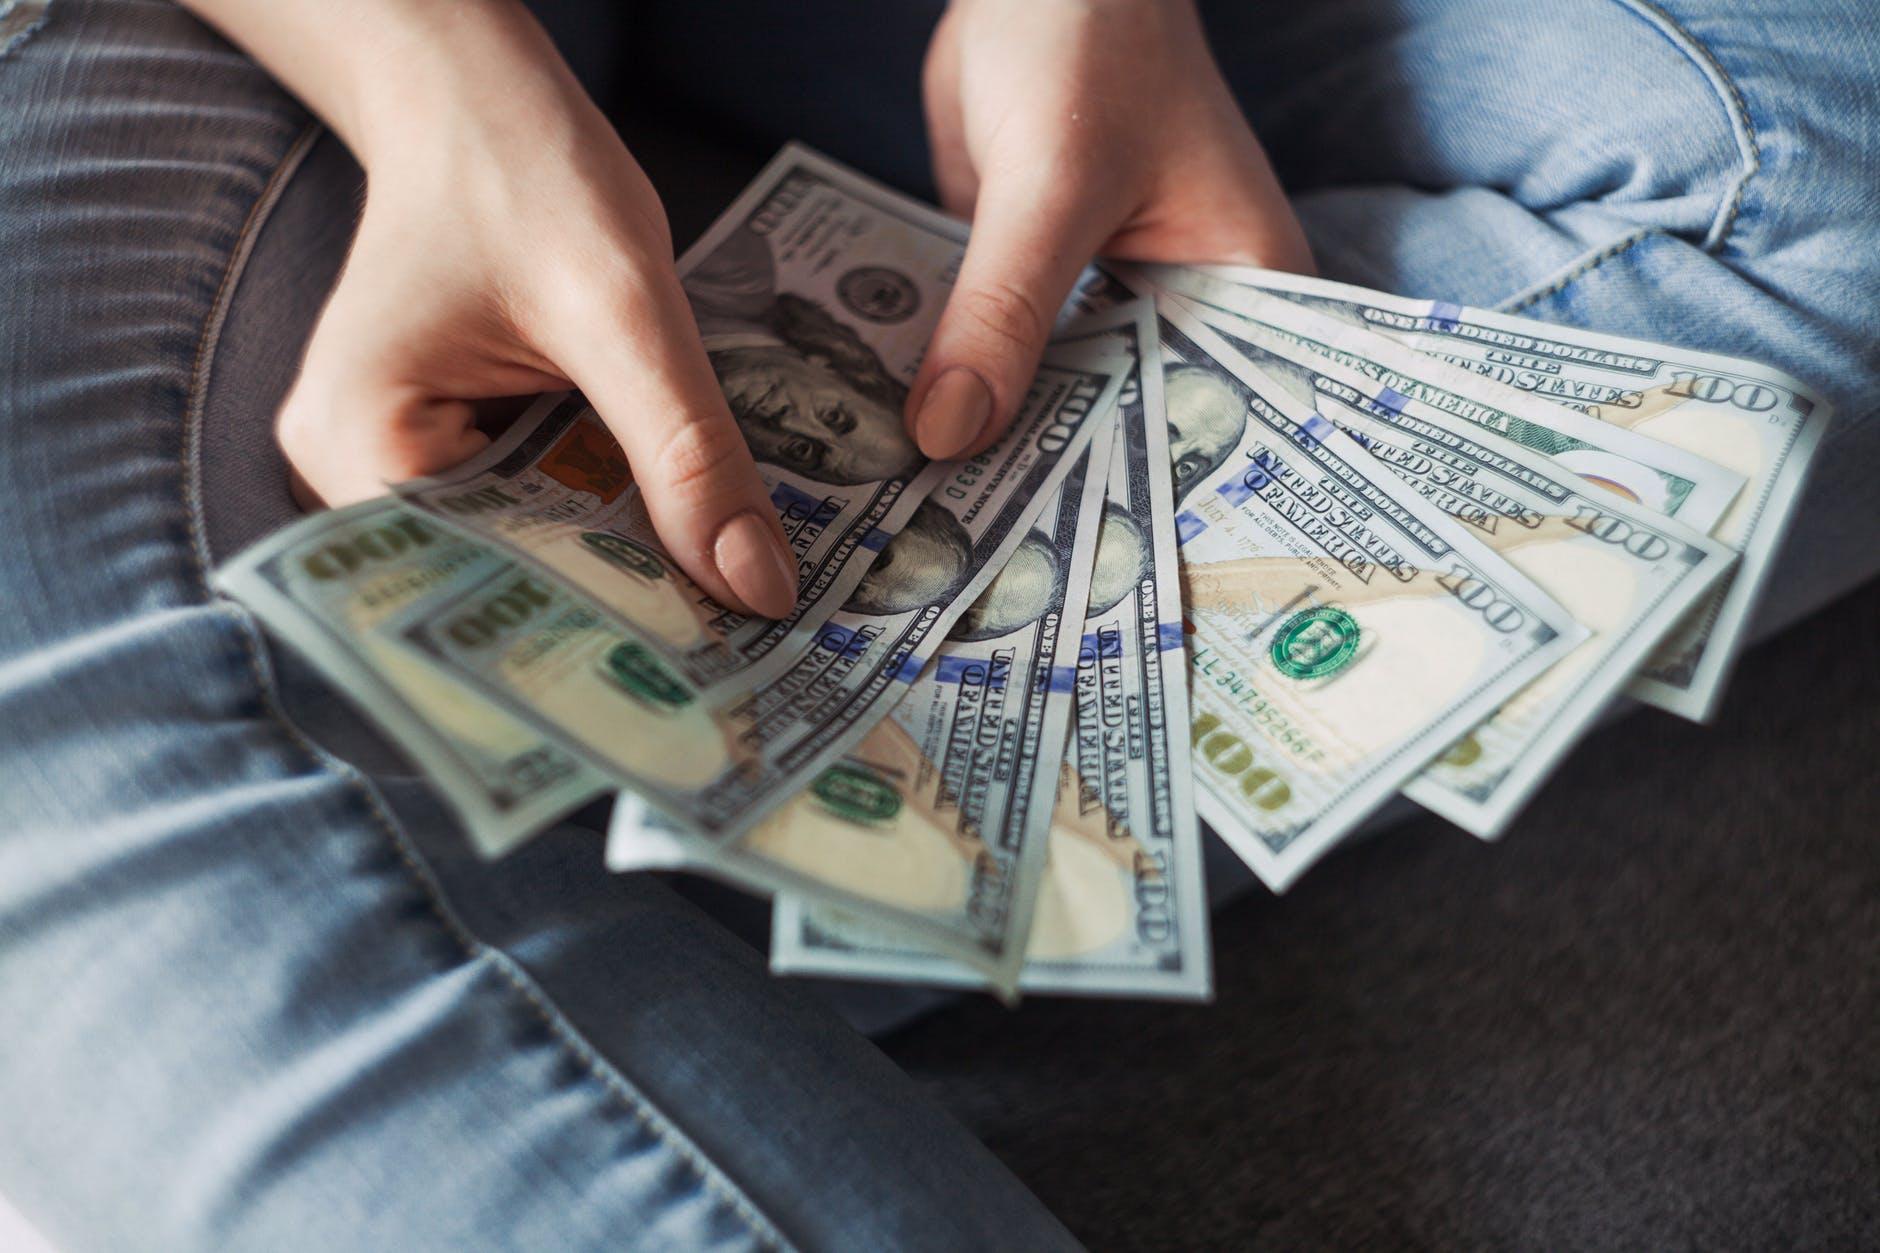 Vídeo: é melhor já ir se acostumando com o dólar alto